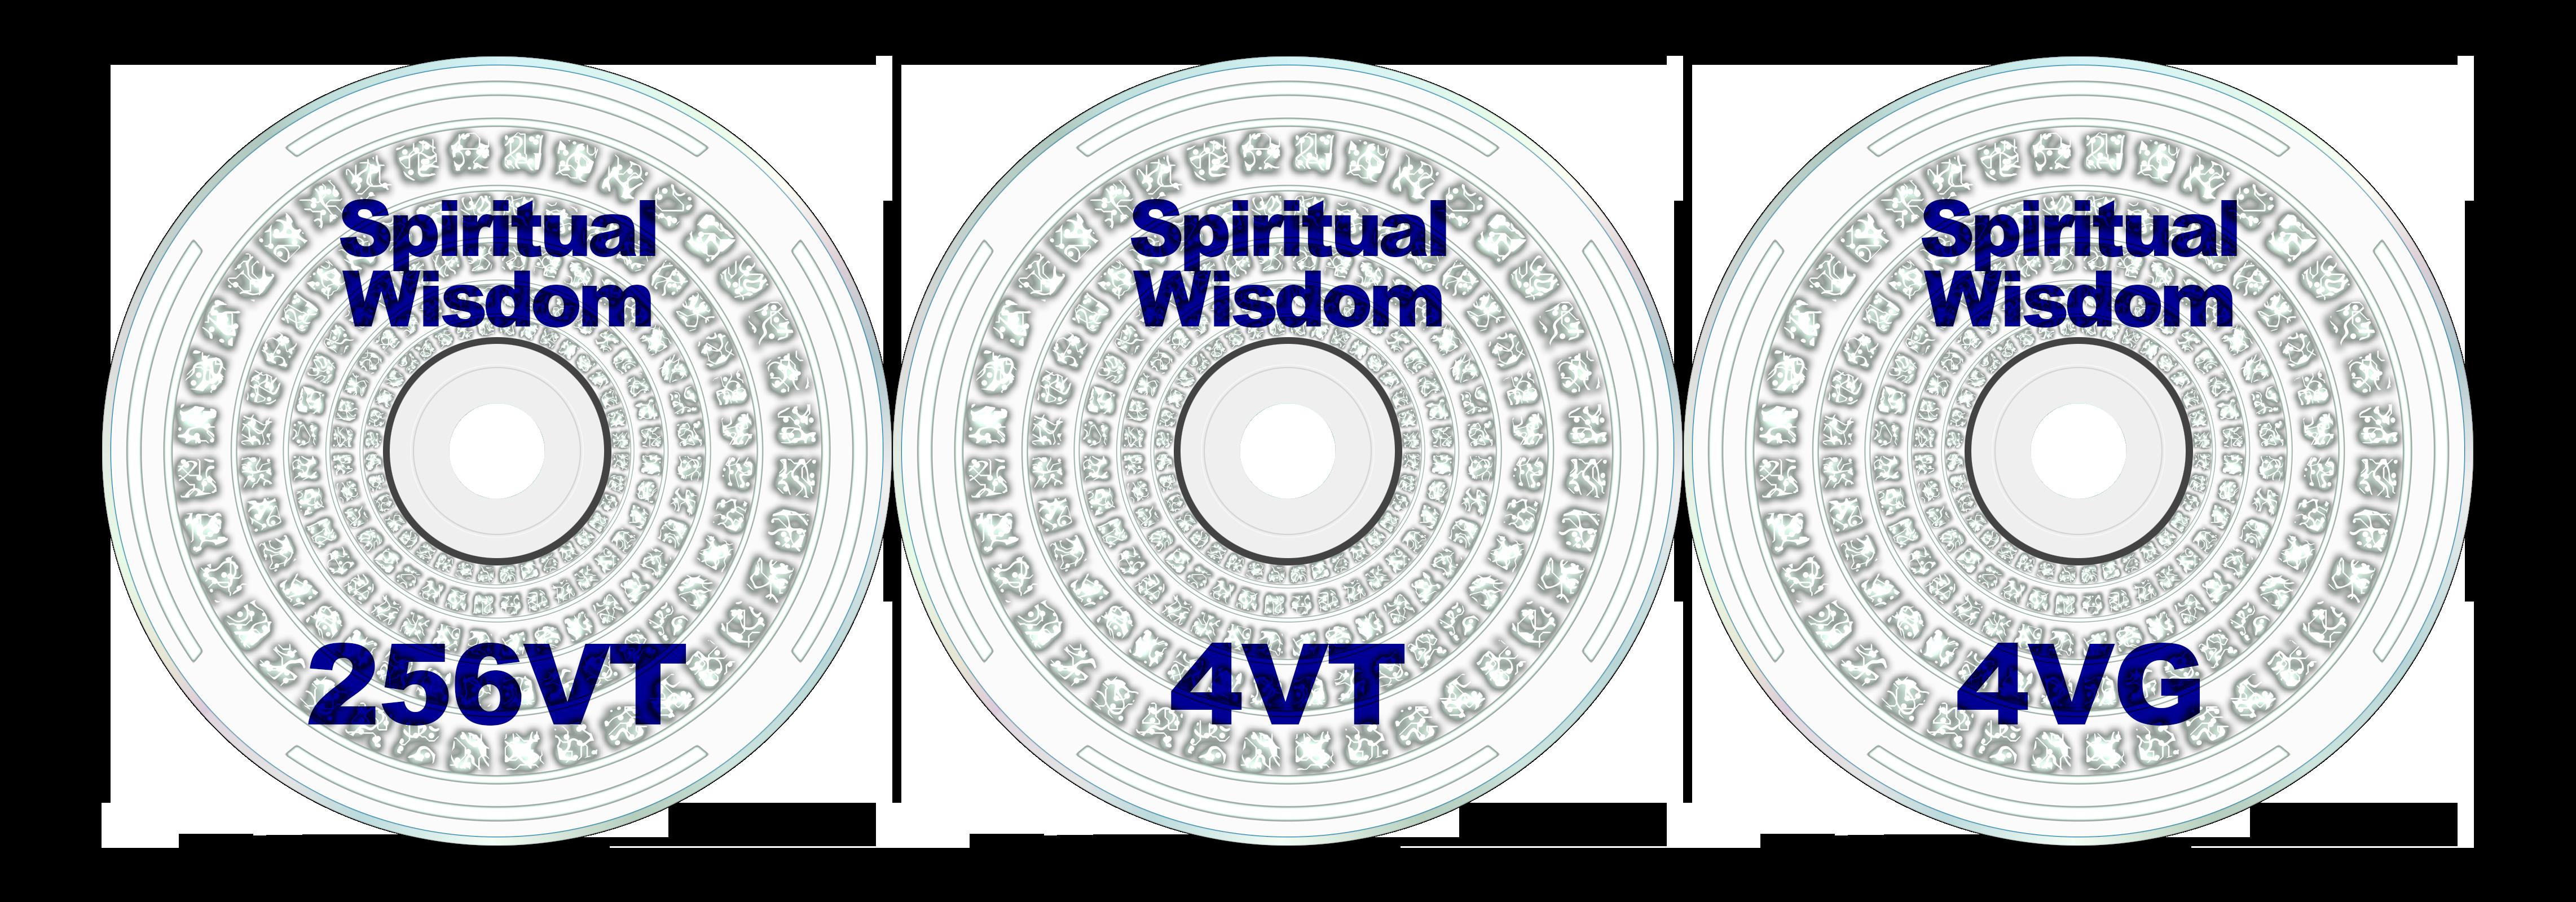 Spiritual Wisdom